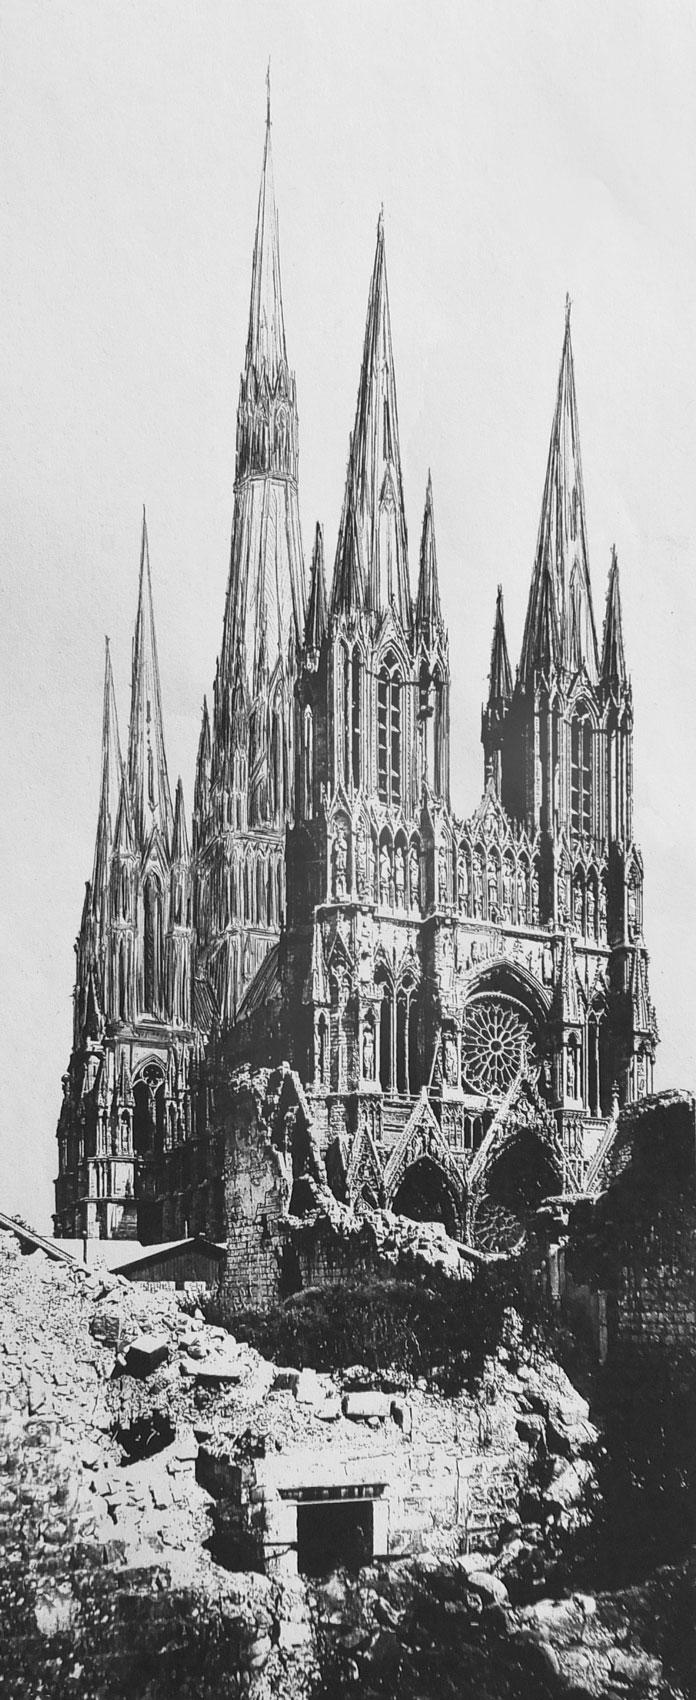 Kathedrale von Reims mit vollständig ausgeführten Türmen, wie sie noch im 16. Jahrhundert geplant waren. Ansicht von Westen.